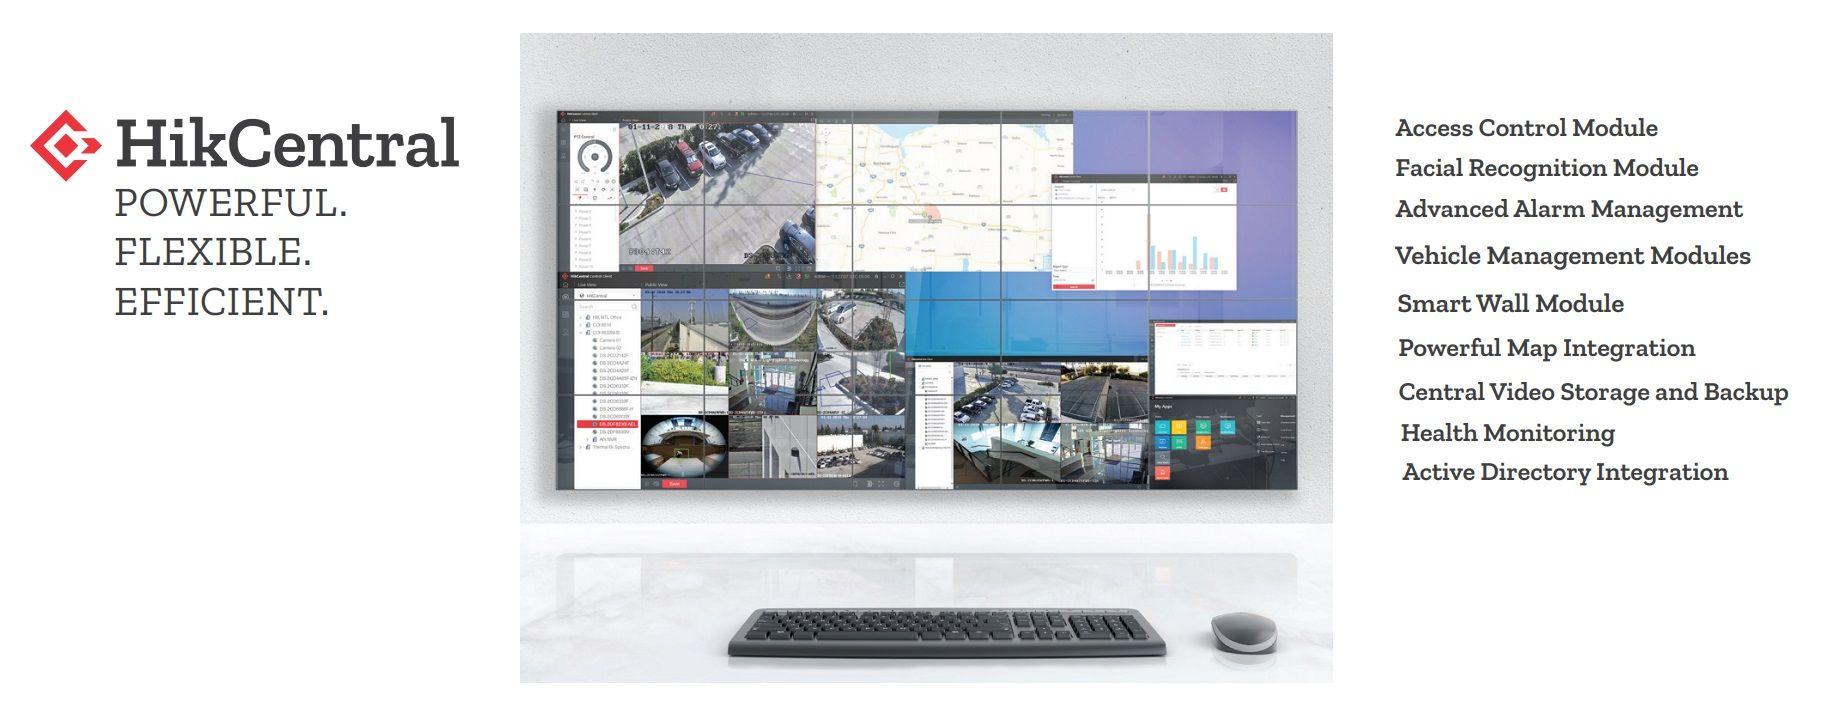 Hikvision VMS HikCentral